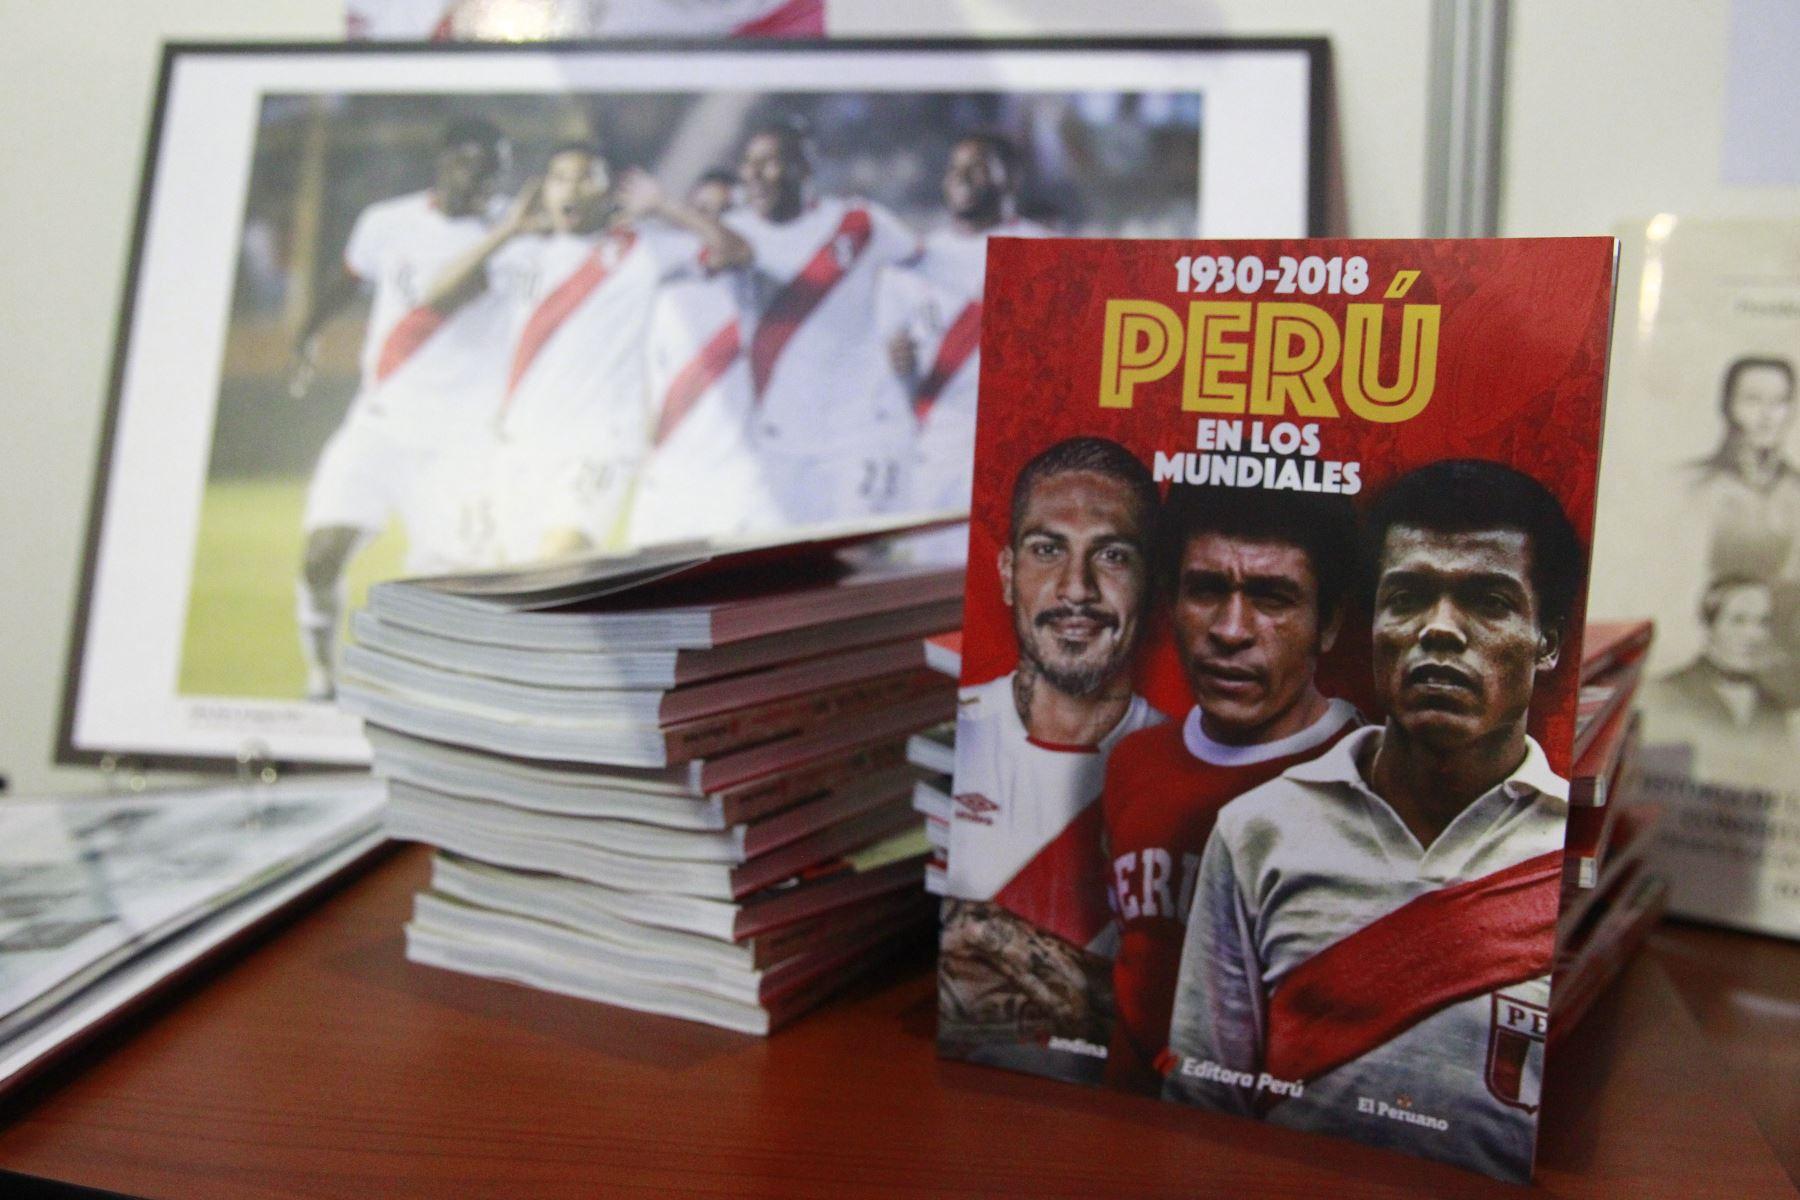 """Editora Perú presentará libro """"Perú en los Mundiales"""" en la Feria Internacional del Libro de Chiclayo. ANDINA/Eddy Ramos"""